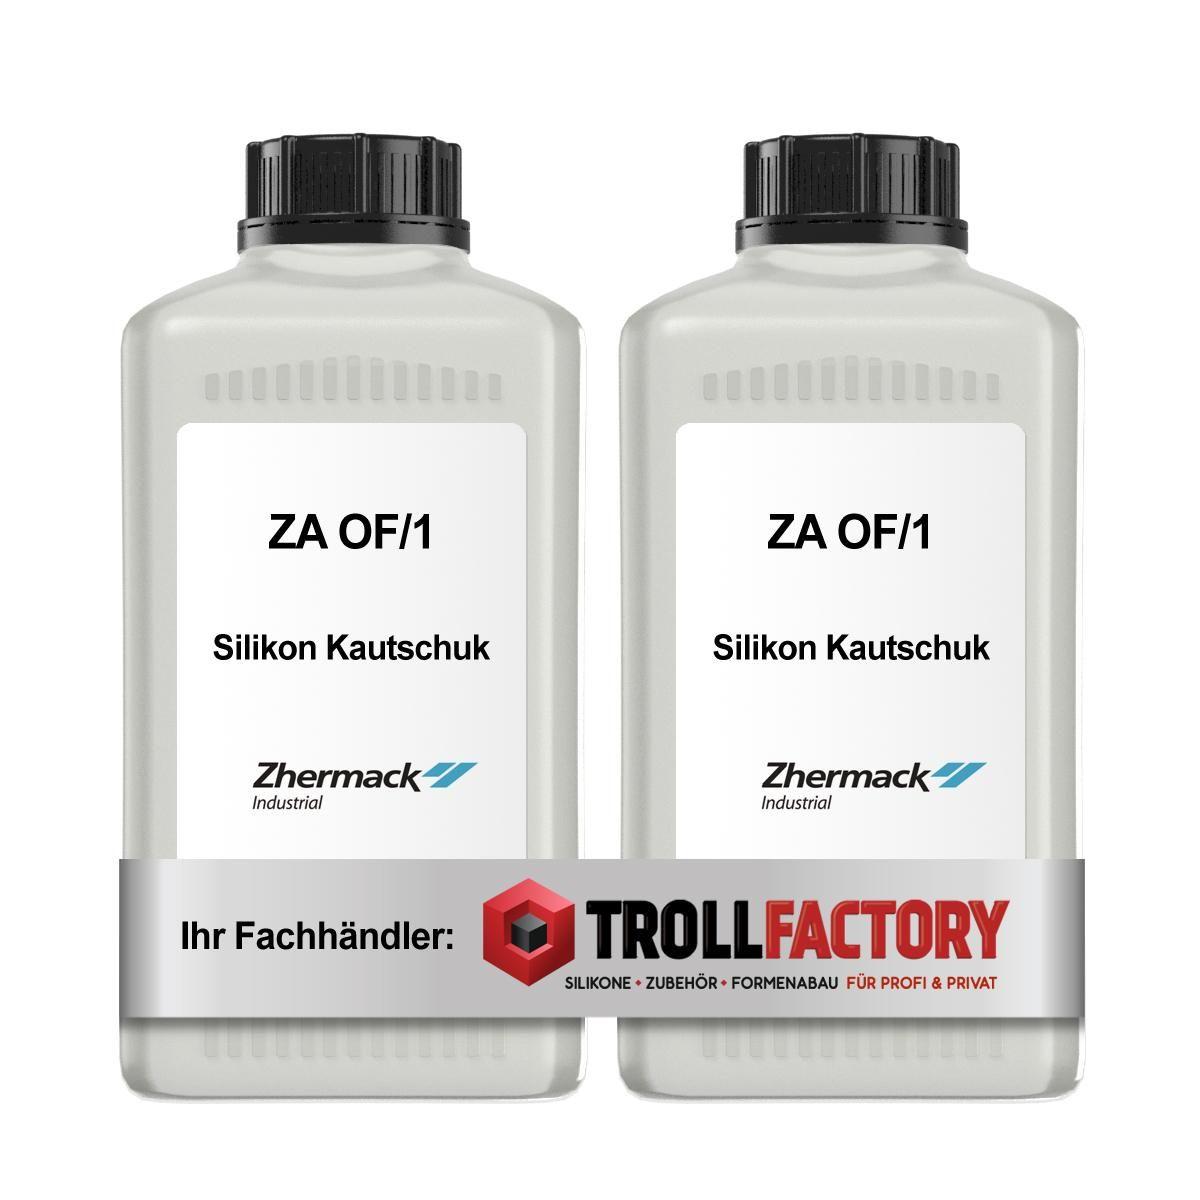 Zhermack Silikon Kautschuk ZA OF1 Verguss transluzent gelartig